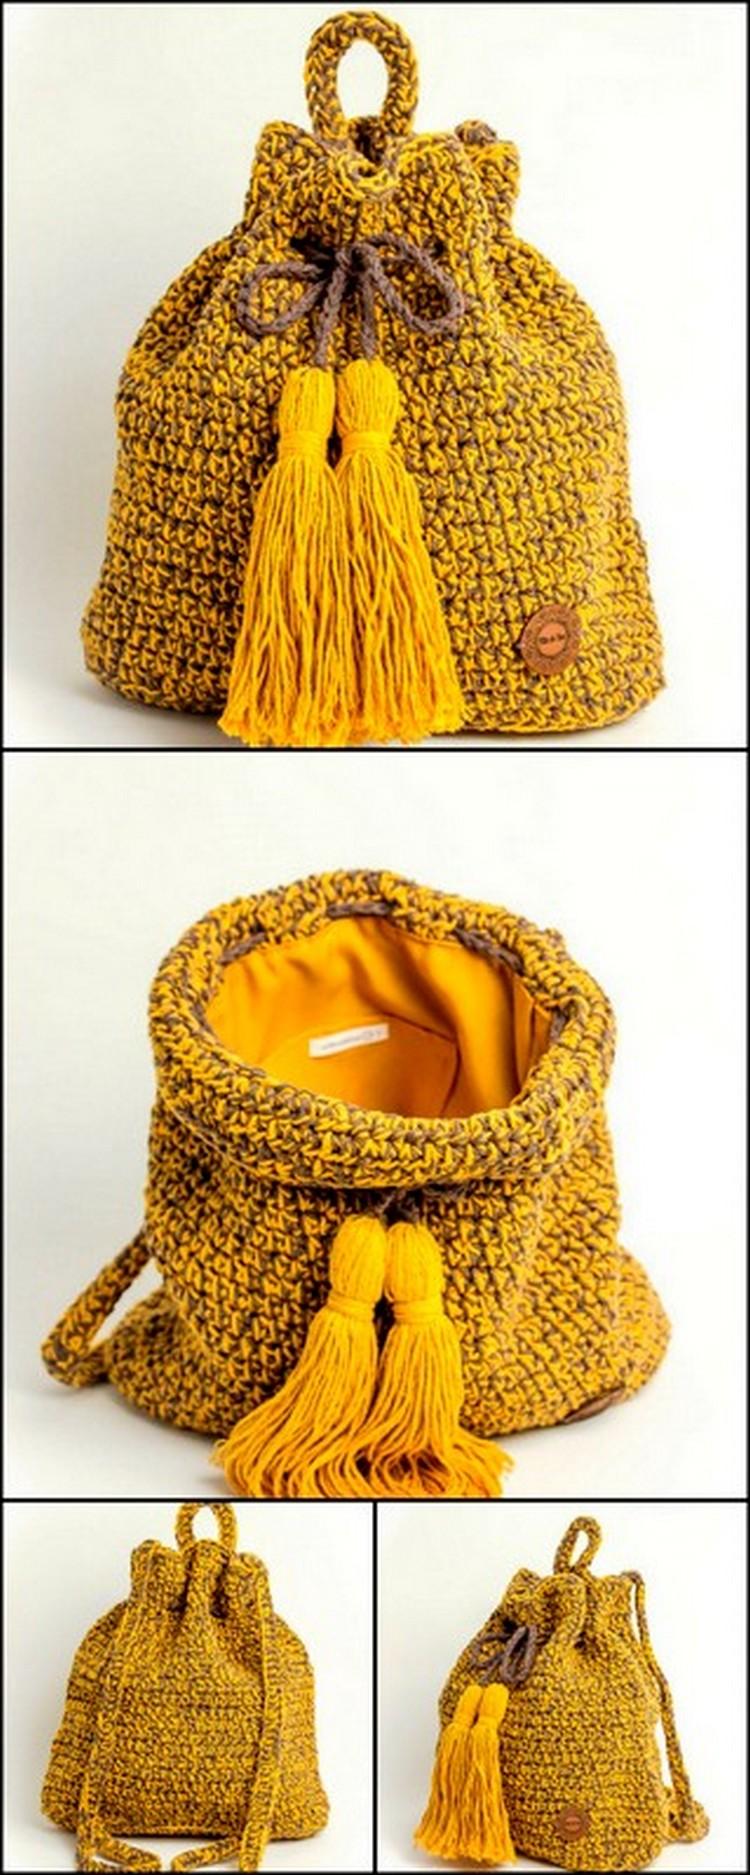 Warm Stuff Crochet Bag Free Crochet pattern